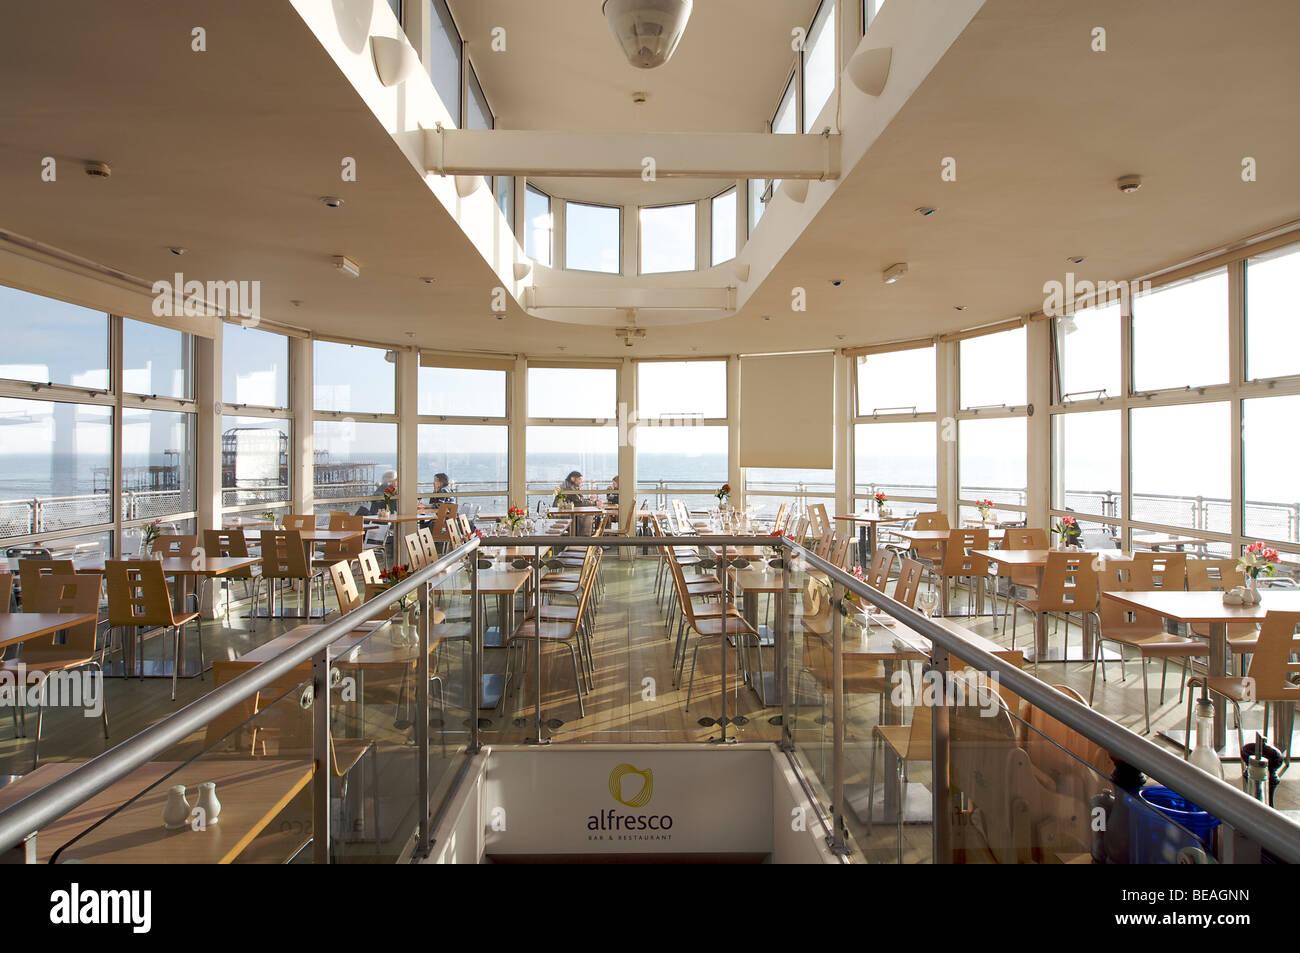 Alfresco restaurant on Brighton seafront. Brighton, England - Stock Image